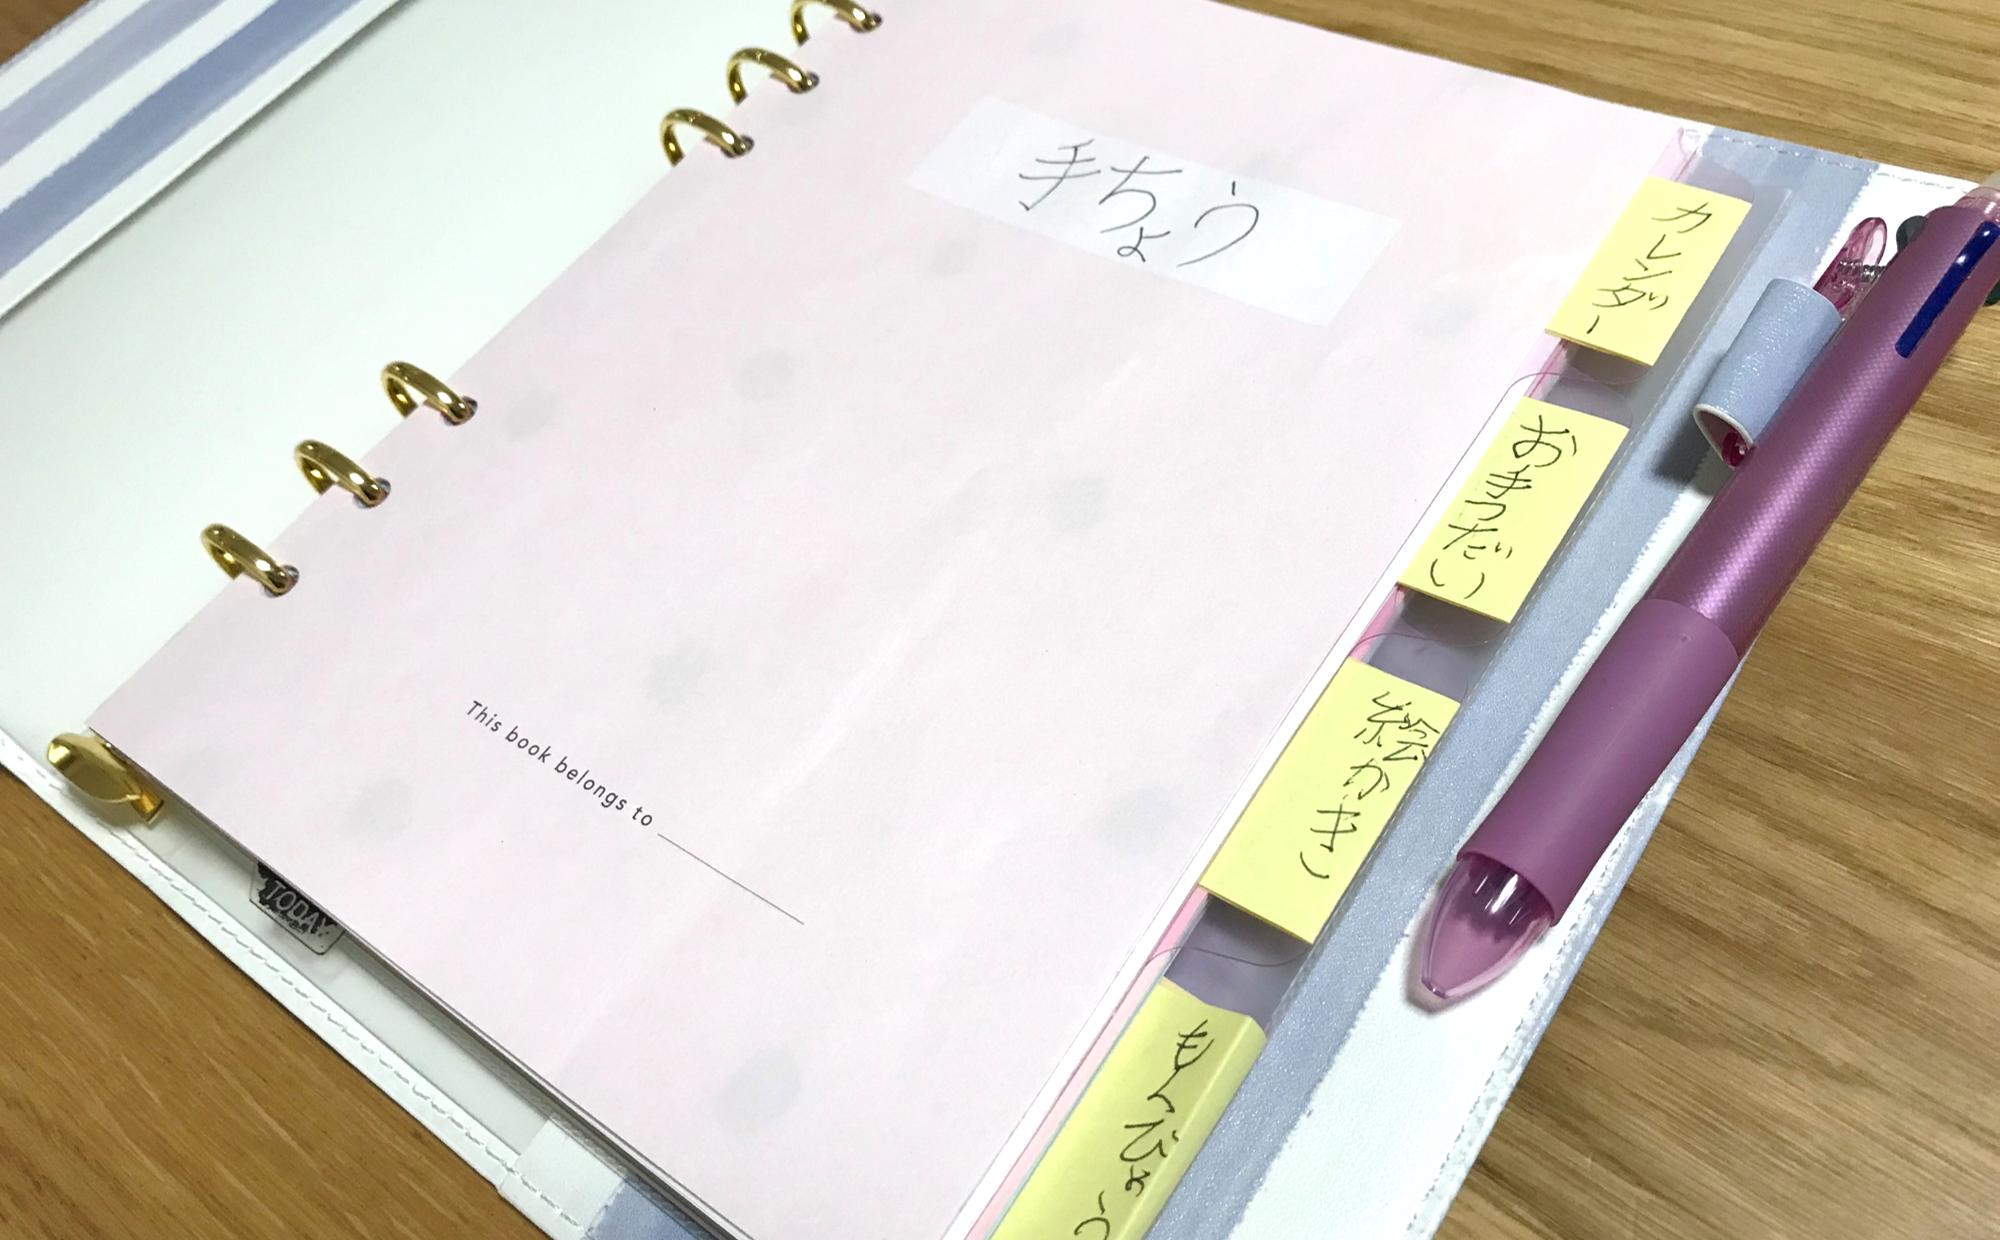 「こども手帳」を導入するために、A5サイズのシステム手帳バインダーを購入!